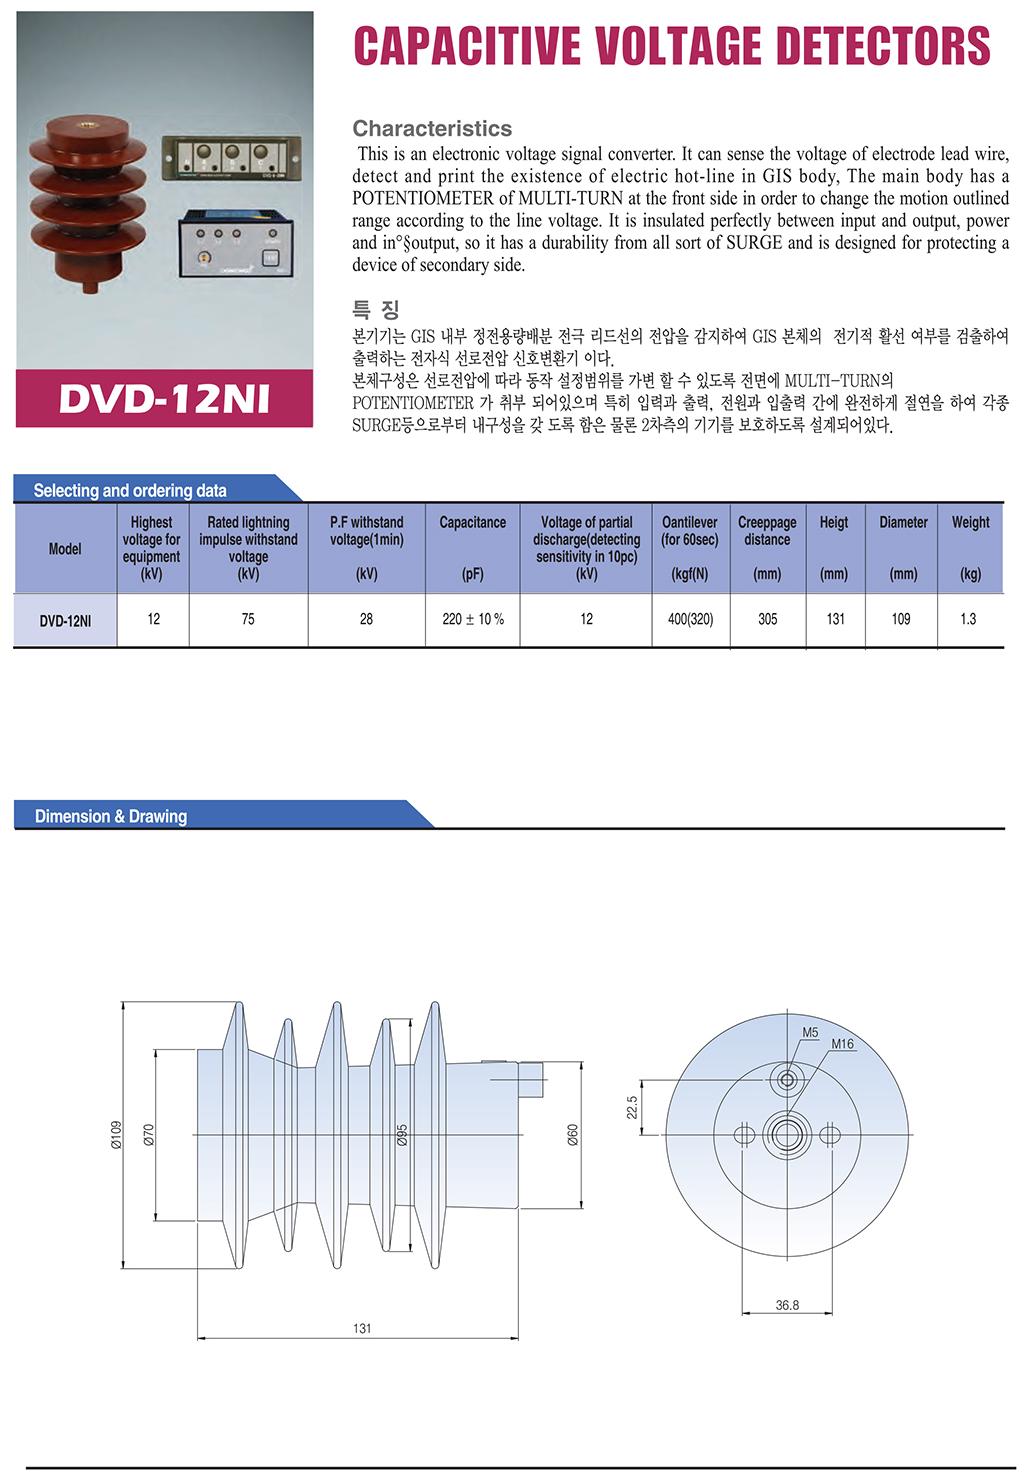 DONGWOO Capacitive V.D DVD-12NI